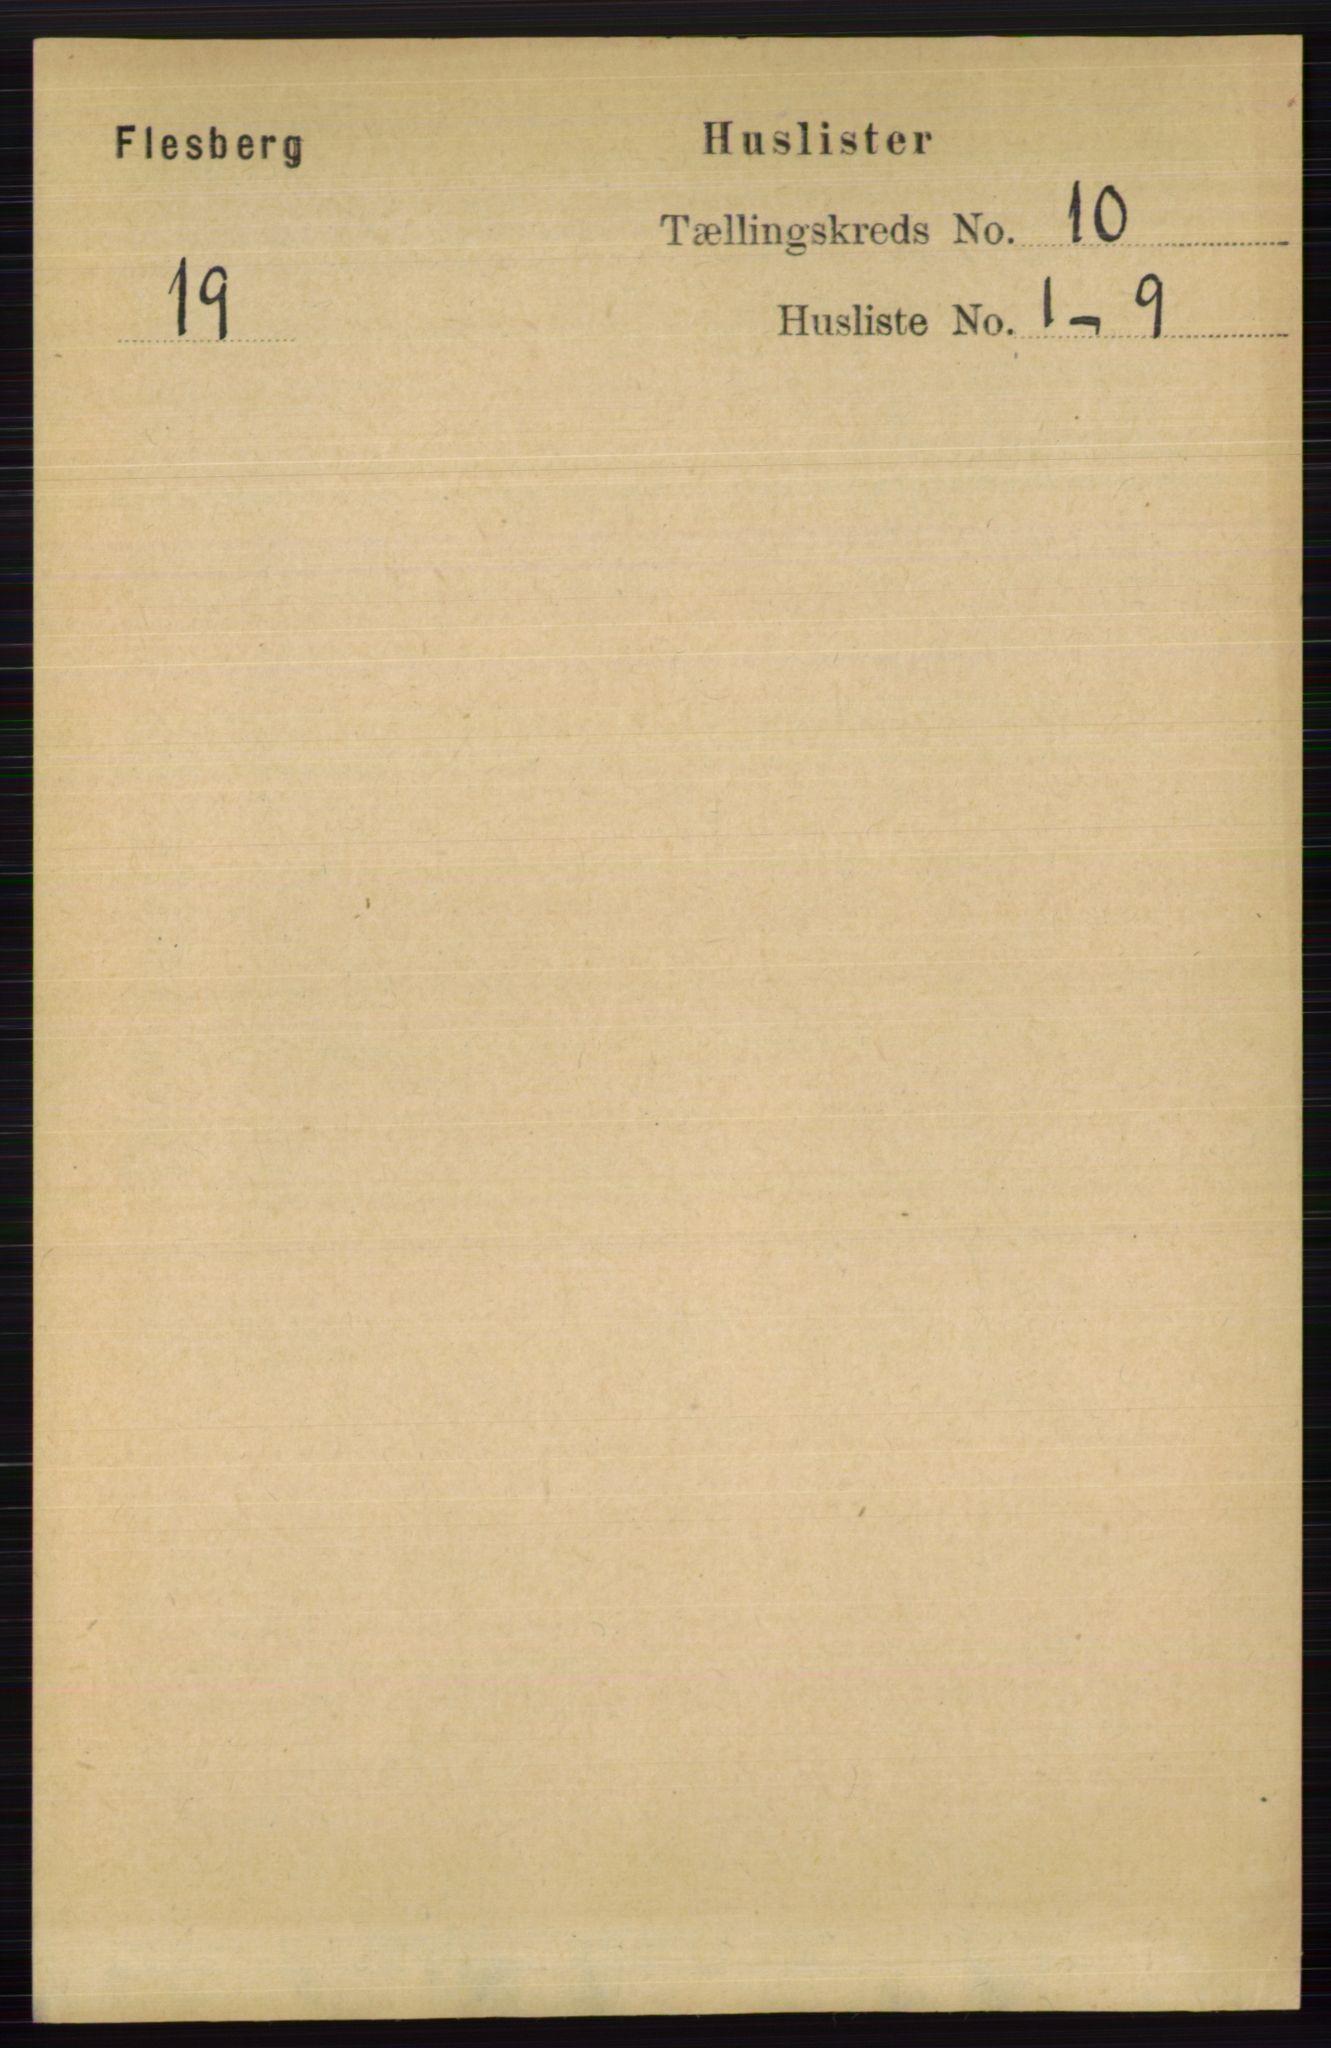 RA, Folketelling 1891 for 0631 Flesberg herred, 1891, s. 1654